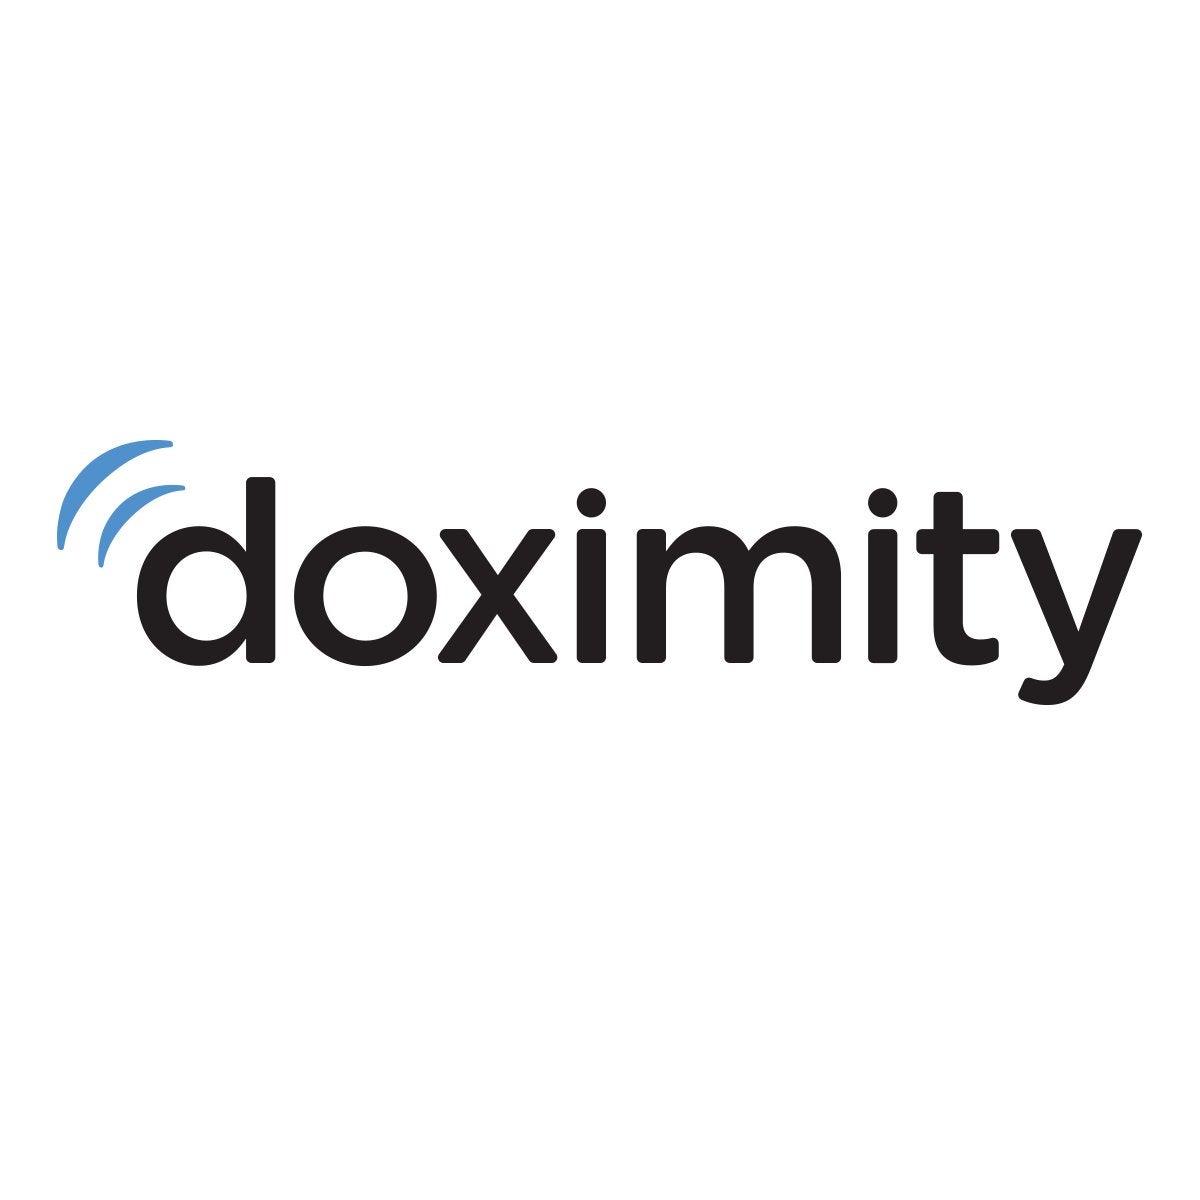 Doximity